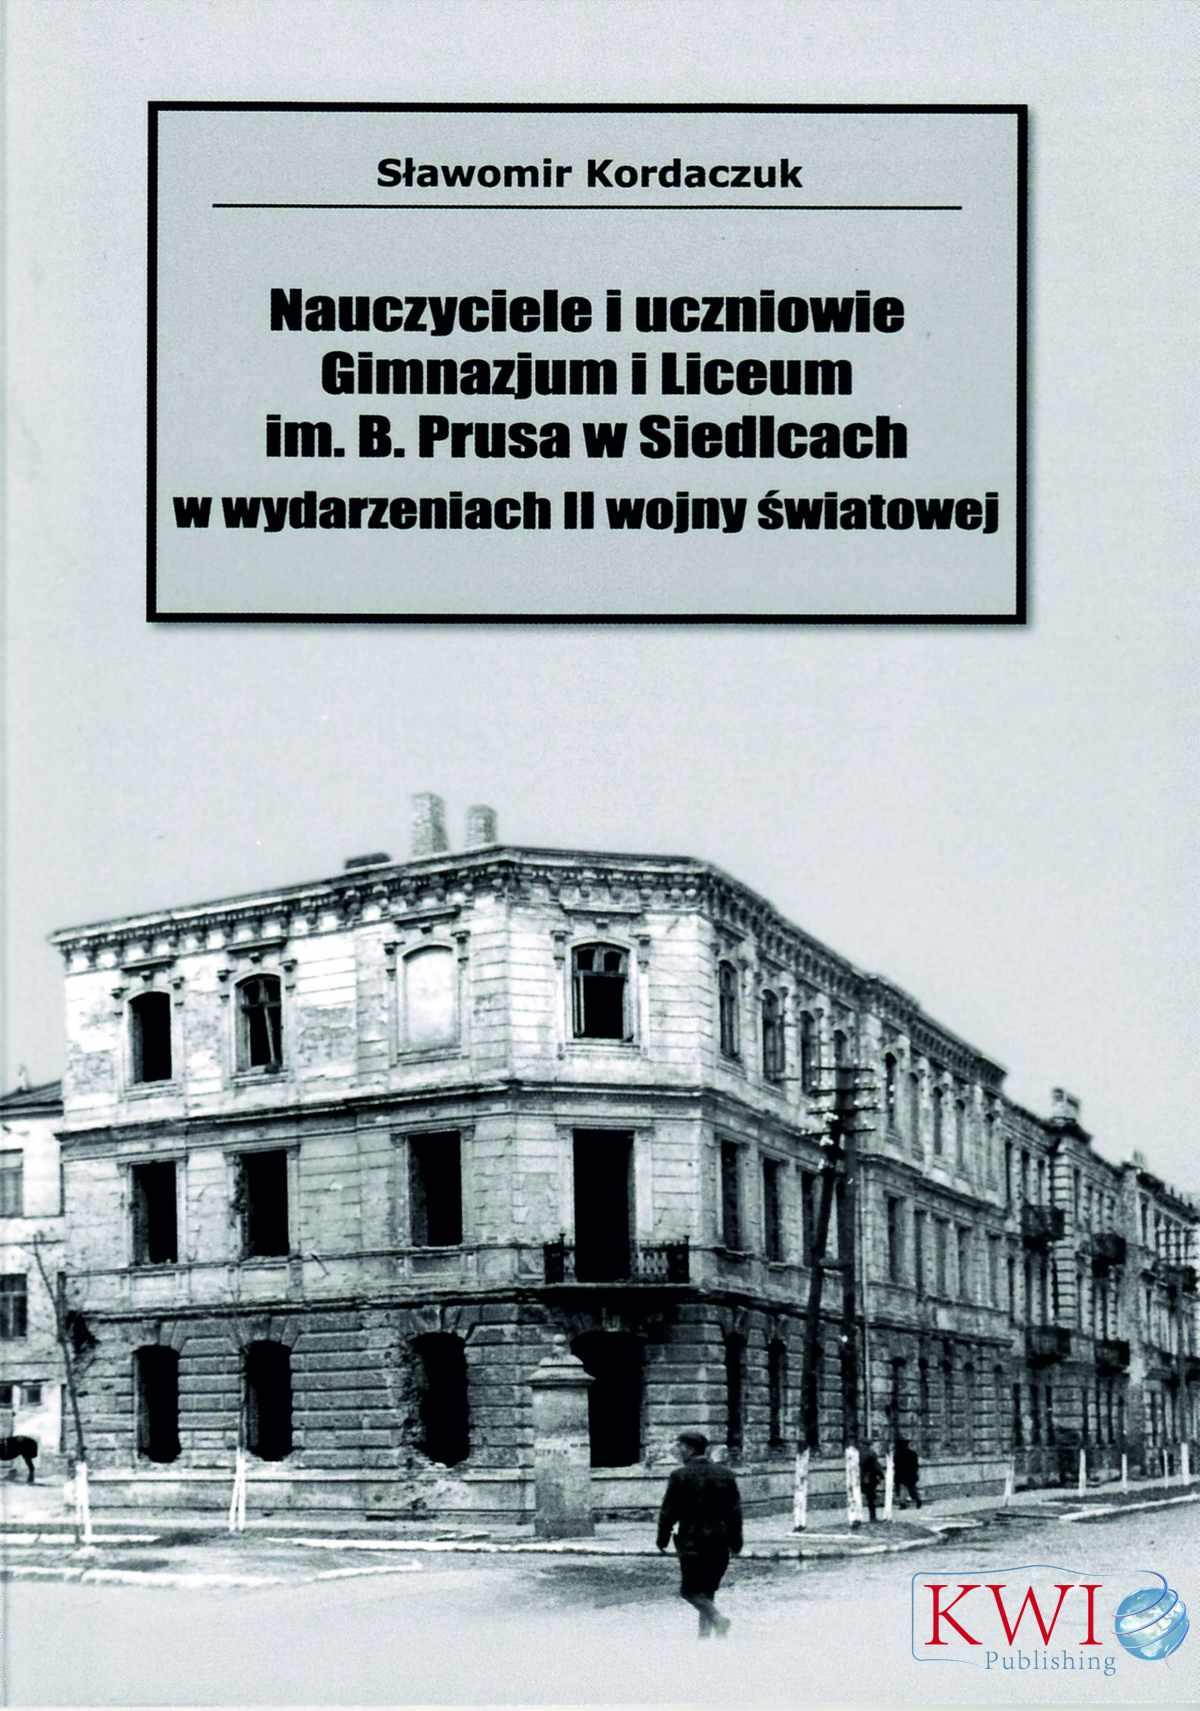 Nauczyciele i uczniowie Gminazjum i Liceum im. B. Prusa w Siedlcach - Ebook (Książka na Kindle) do pobrania w formacie MOBI